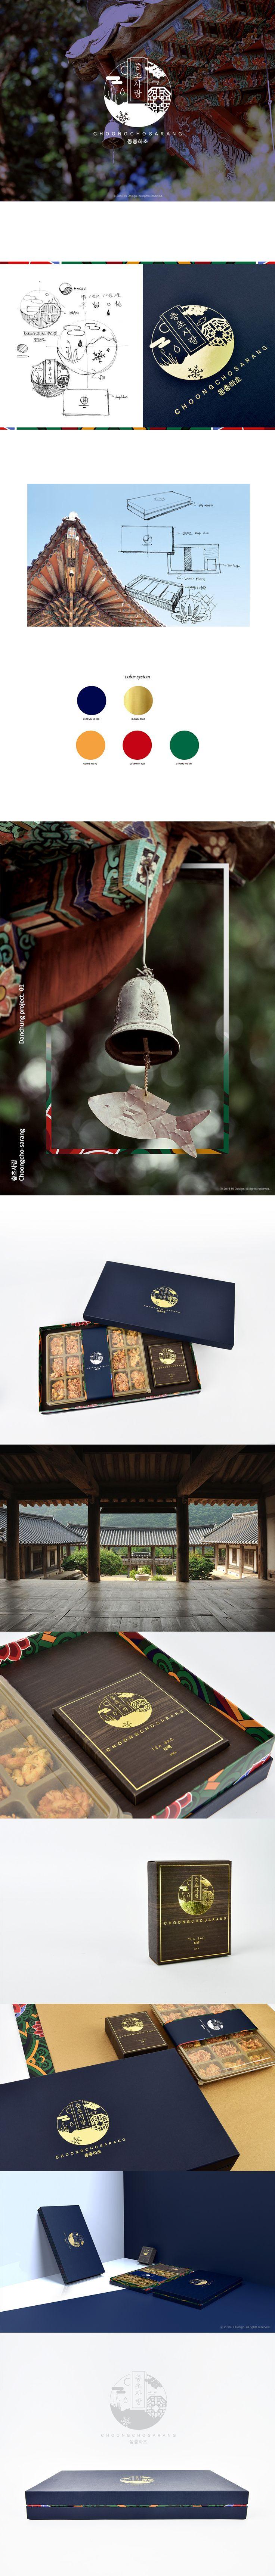 다음 @Behance 프로젝트 확인: u201cKorea Cordyceps package designu201d https://www.behance.net/gallery/46428331/Korea-Cordyceps-package-design